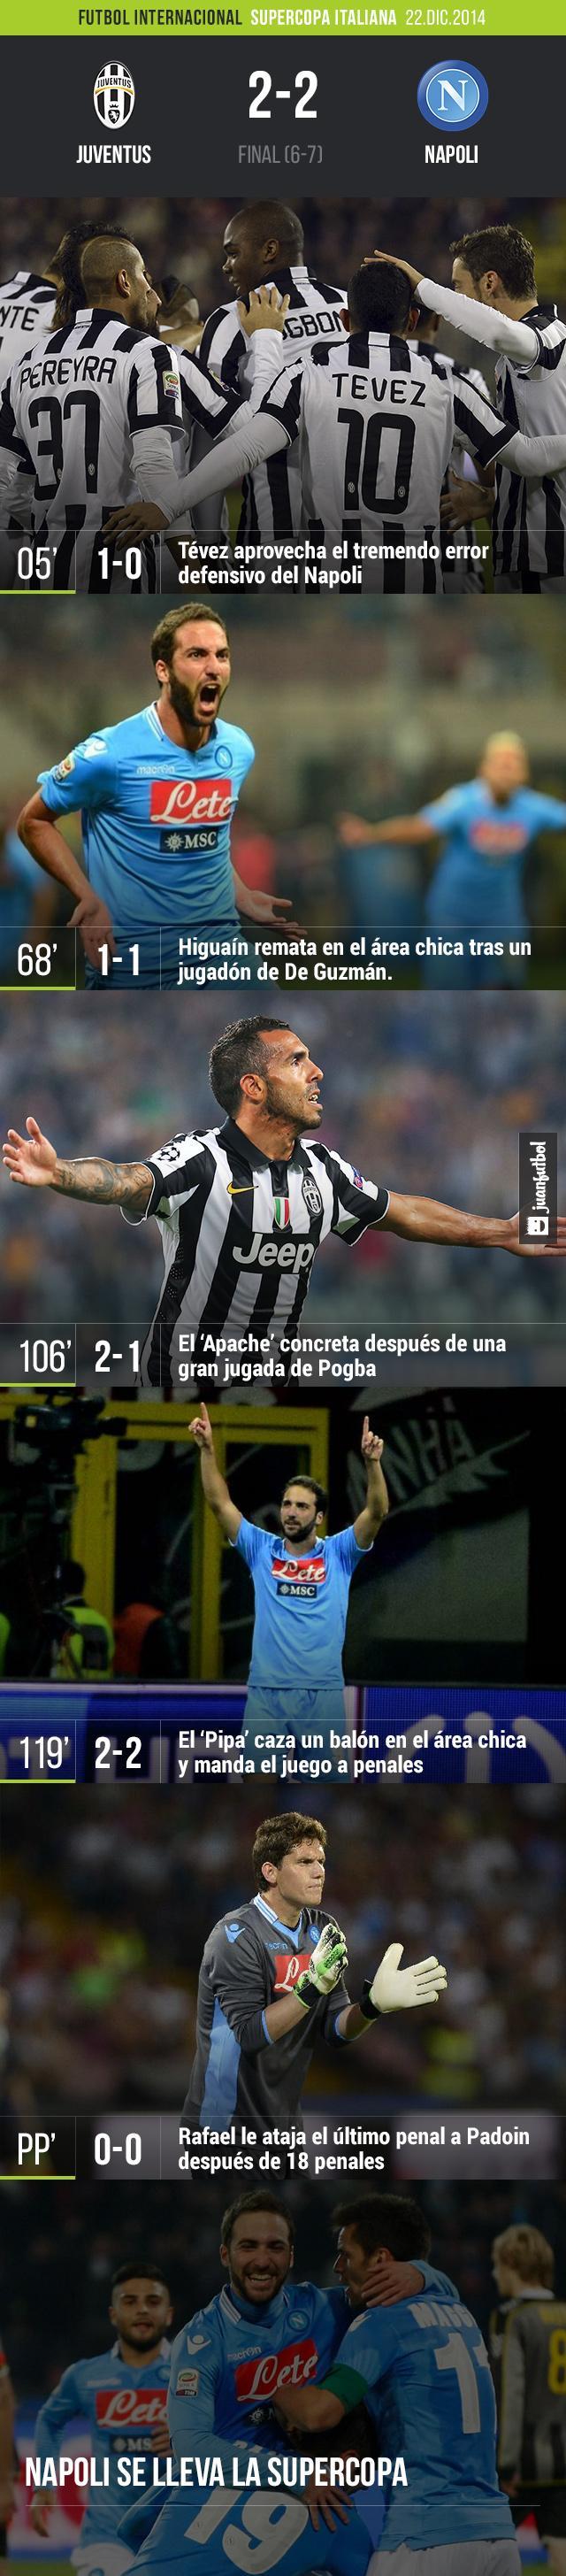 Napoli vence a la Juventus en penales después de empatar 2-2 en tiempos extras